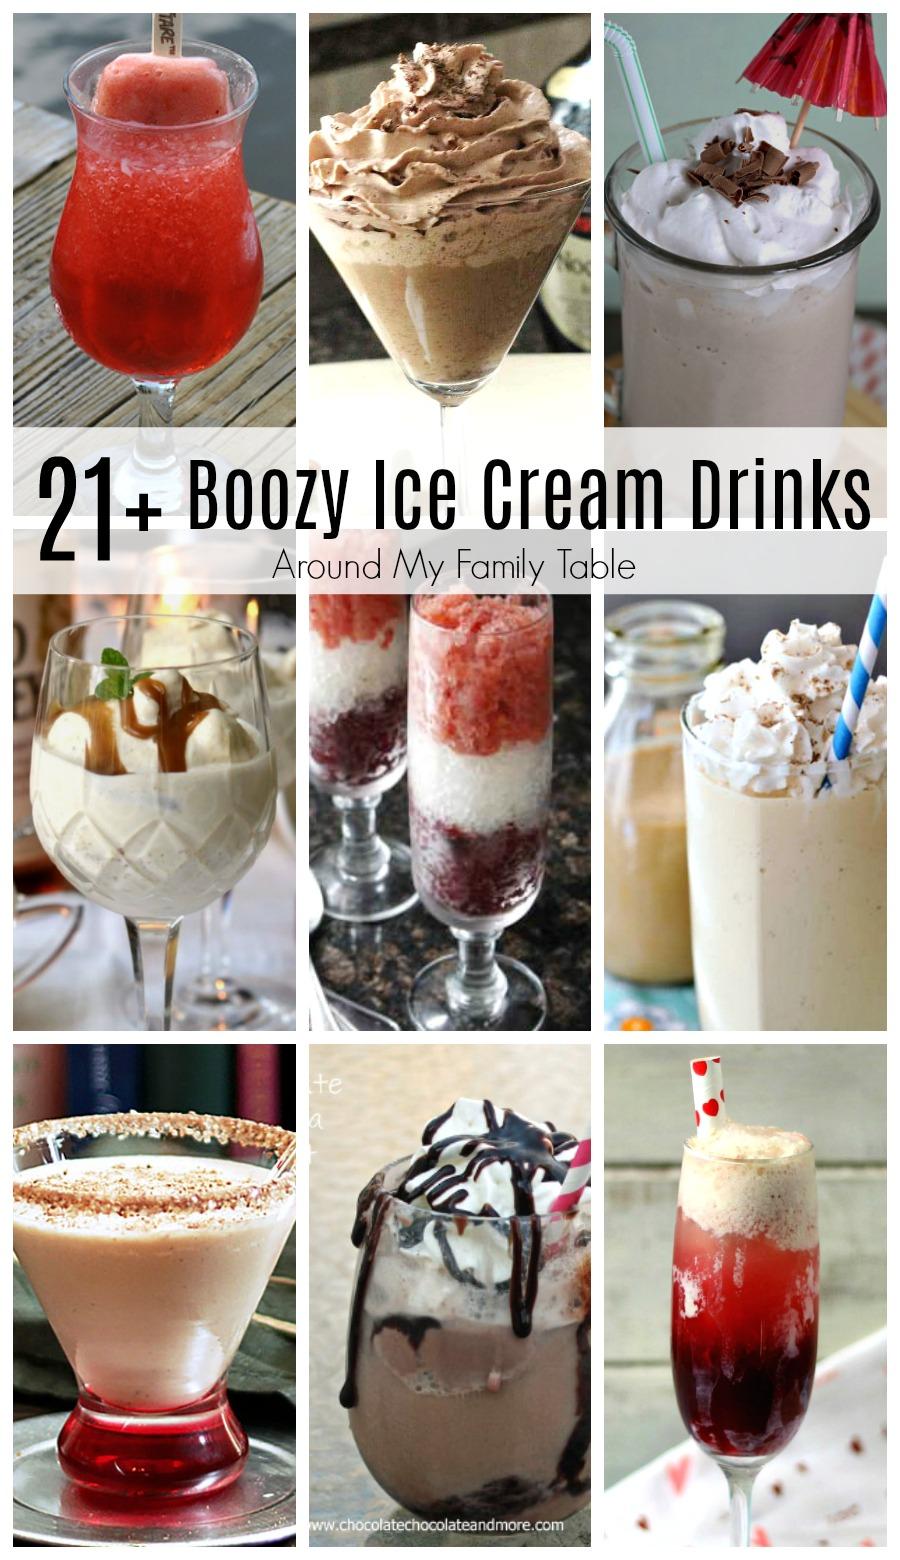 boozy alcoholic ice cream drinks with images  ice cream